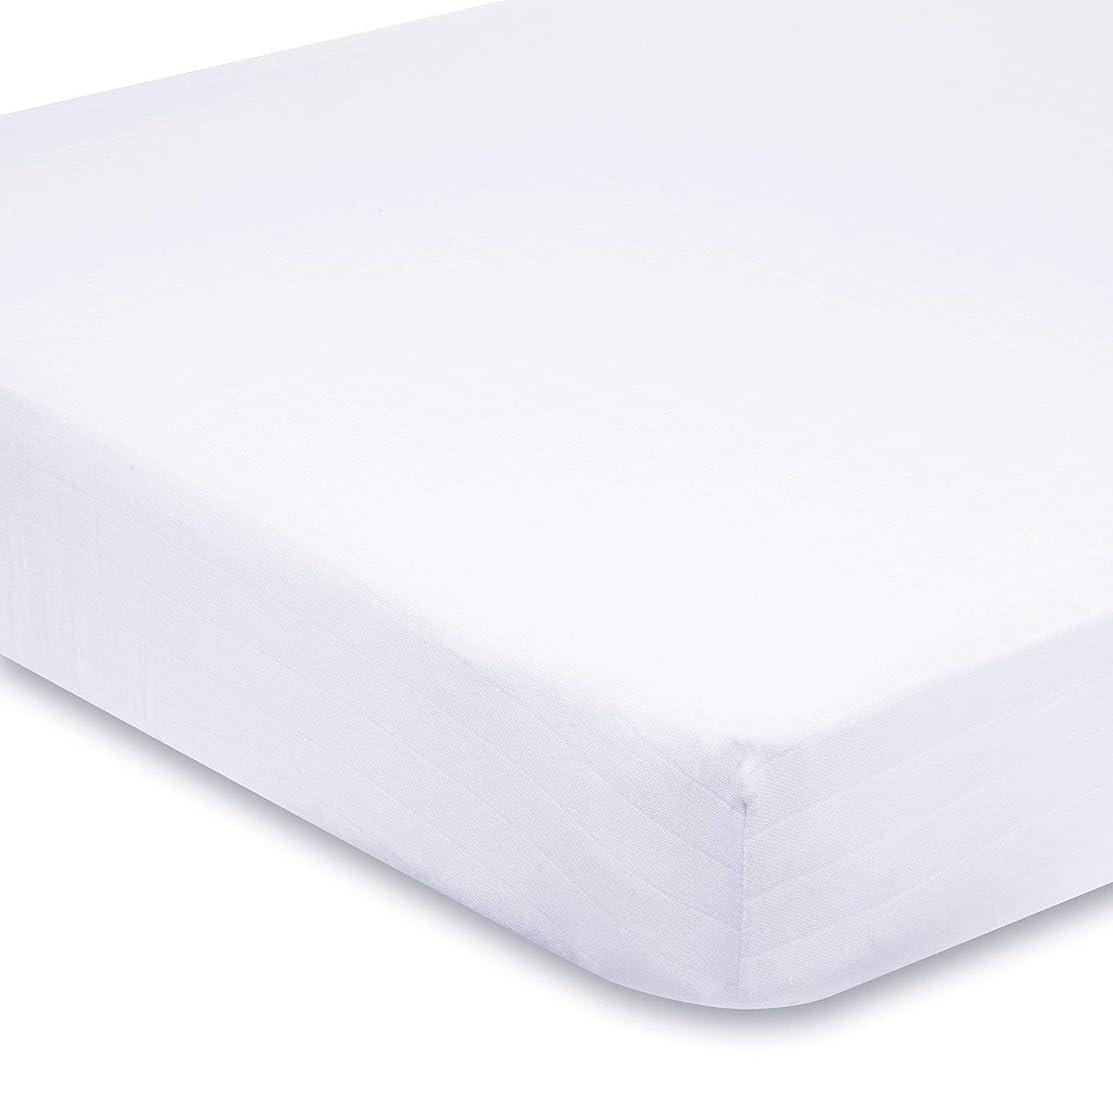 月曜日スクリーチ場所500-Thread-Count Egyptian Cotton Super Soft Extra Deep Pocket Fitted Sheet/Bottom Sheet Queen Solid White Fit Up to 21